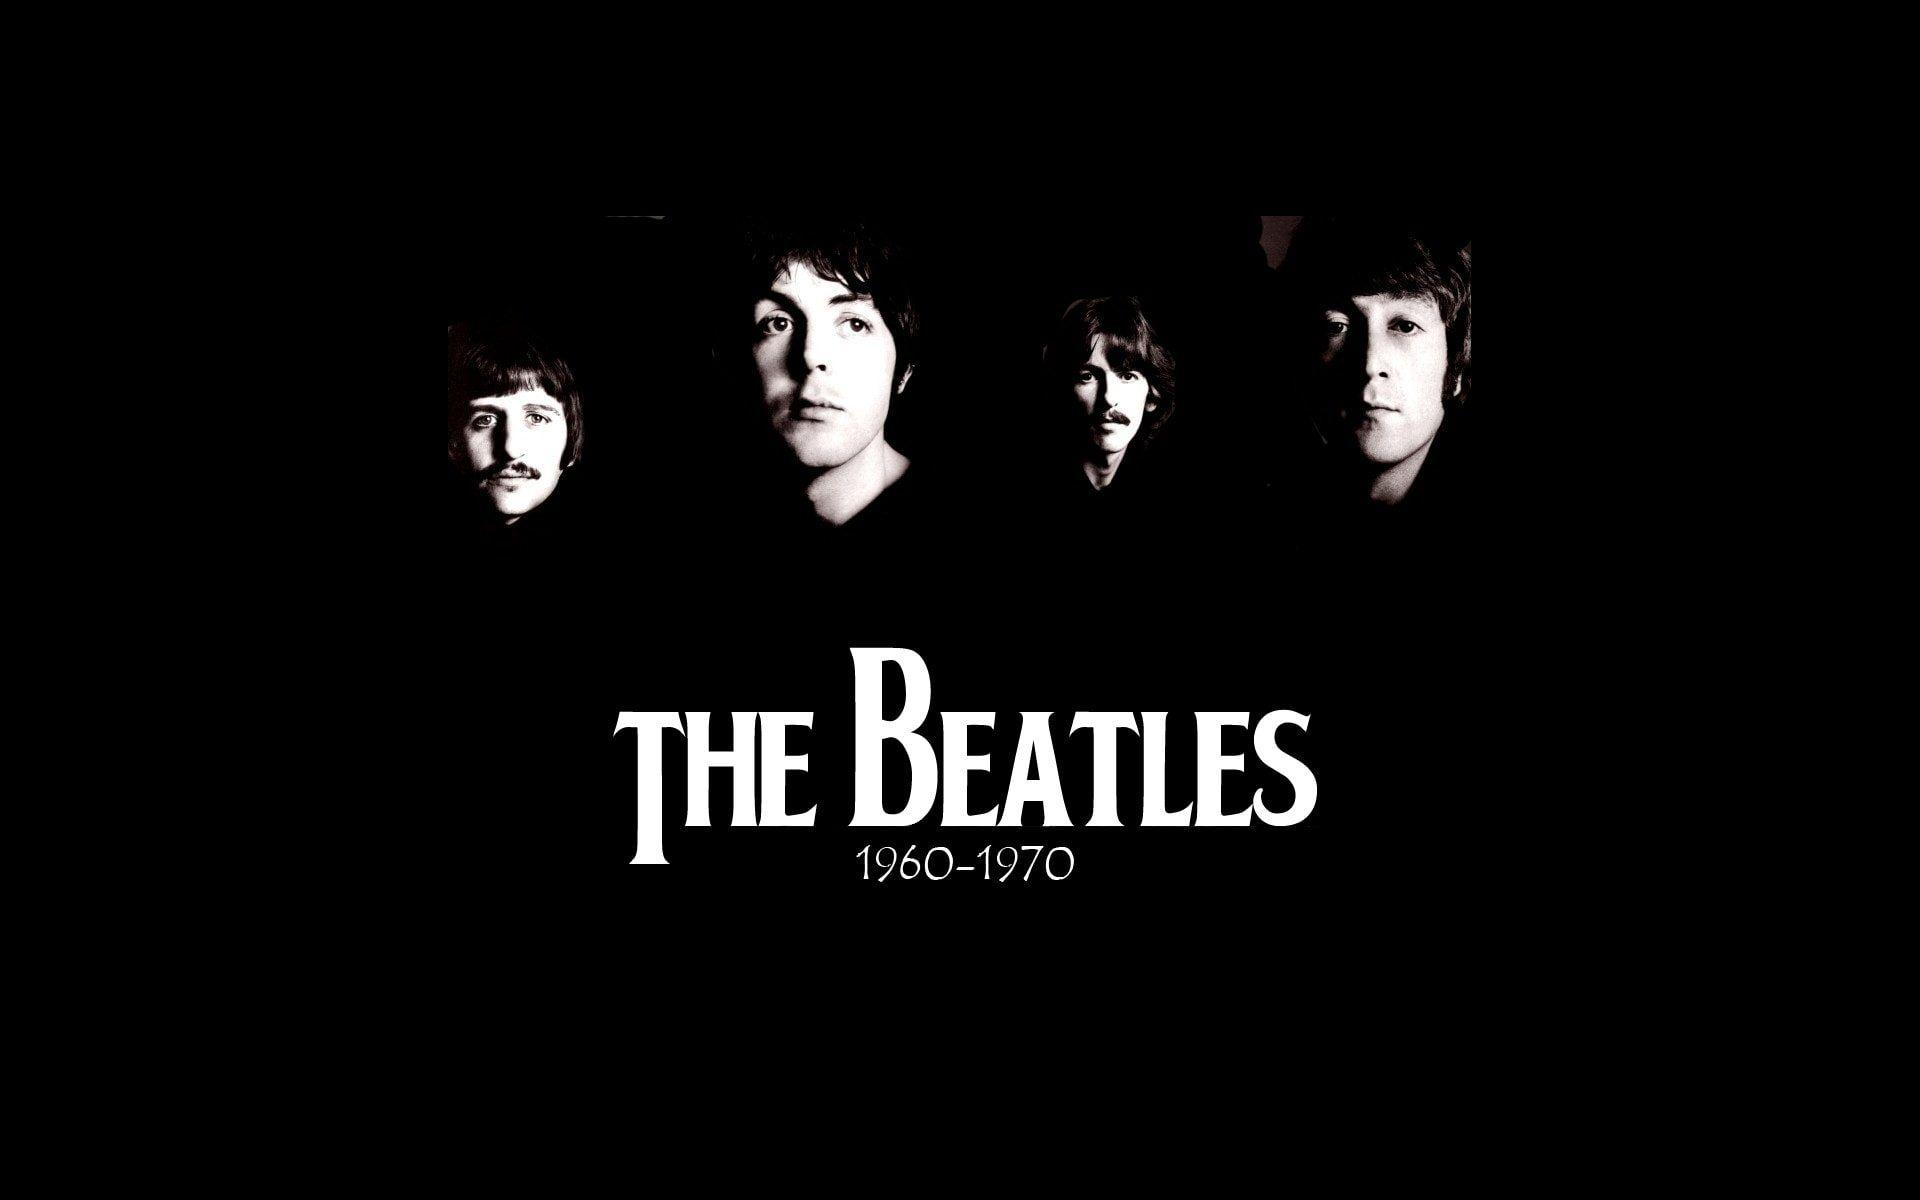 Band Music The Beatles 1080p Wallpaper Hdwallpaper Desktop Beatles Wallpaper The Beatles Beatles Music